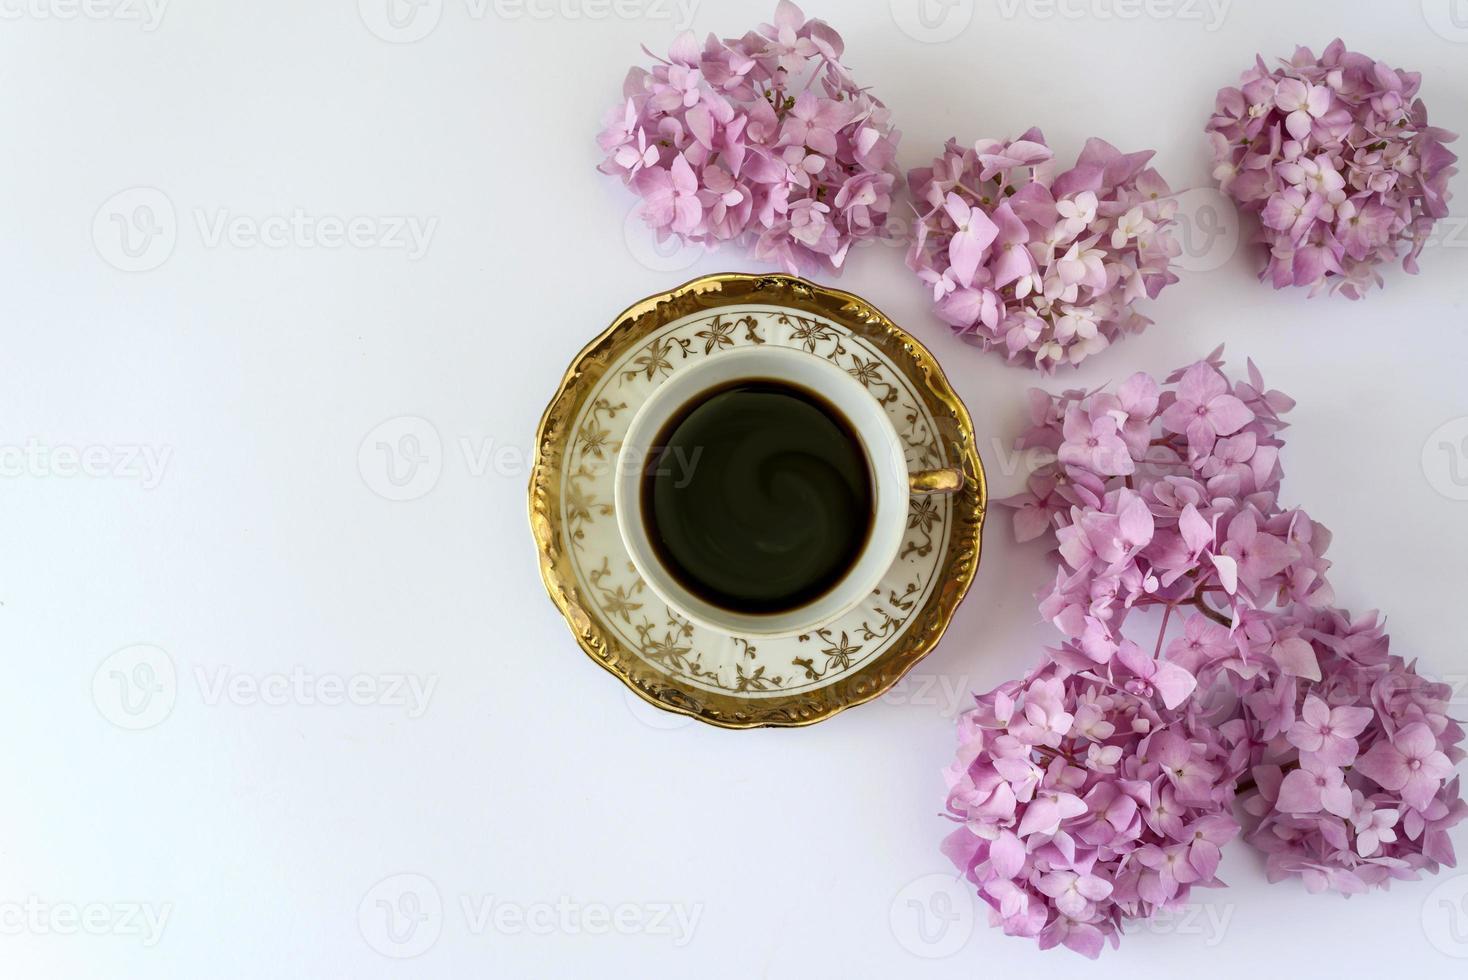 tazza di caffè, su sfondo bianco con fiori, foto